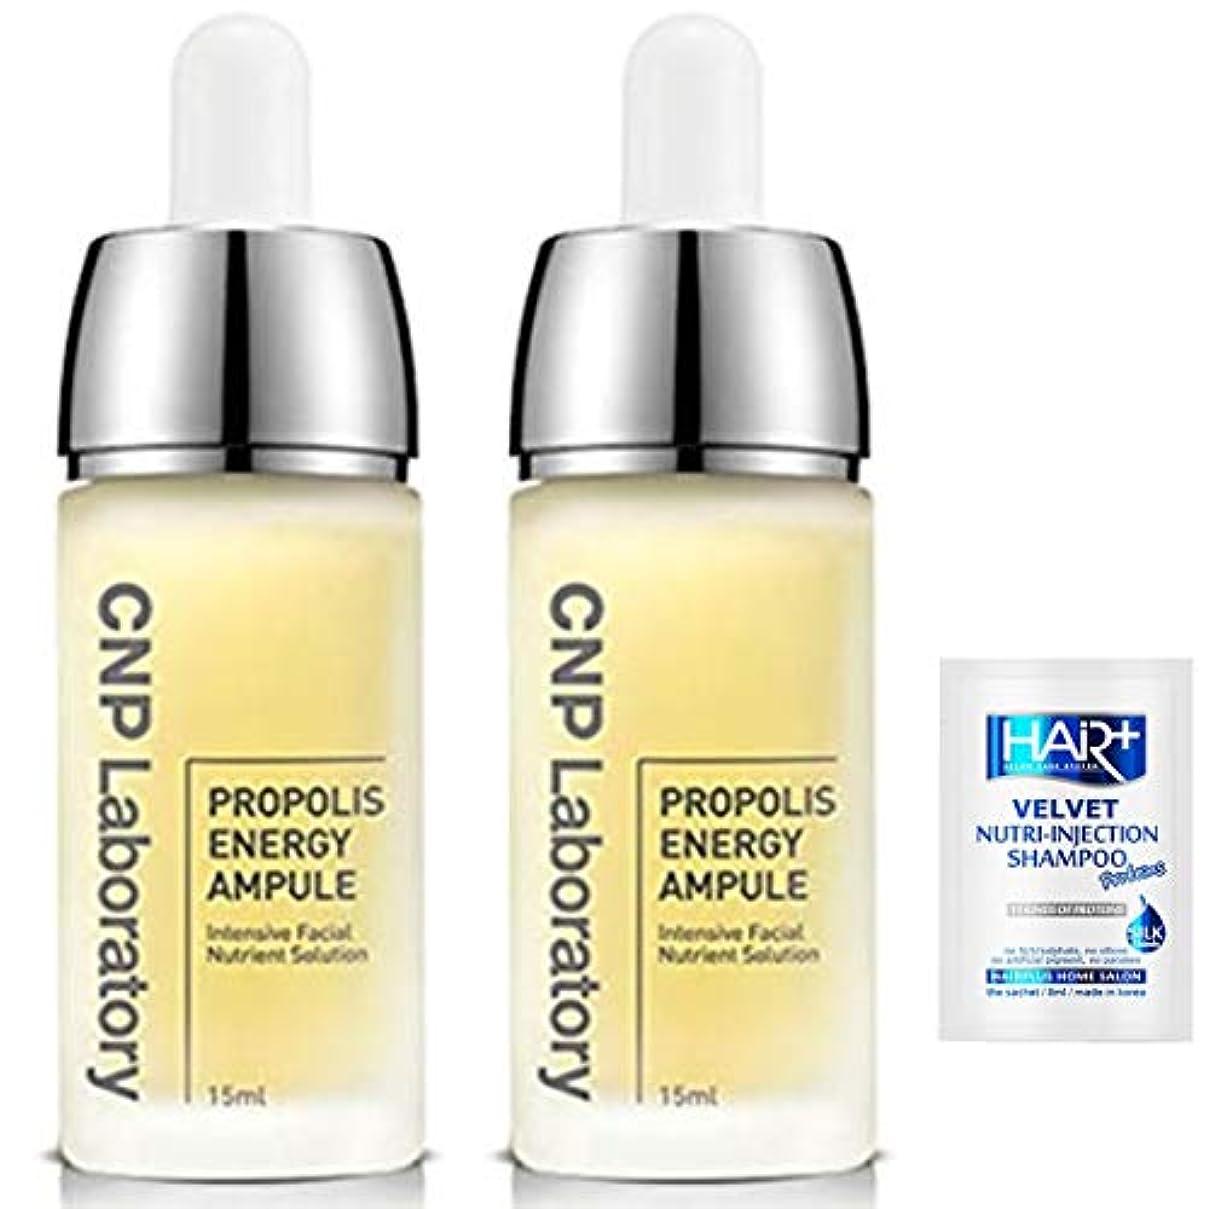 急降下重なる小麦【CNP Laboratory】プロポリス エネルギーアンプル 15ml X 2EA+HairPlus NonSilicon Shampoo 8ml